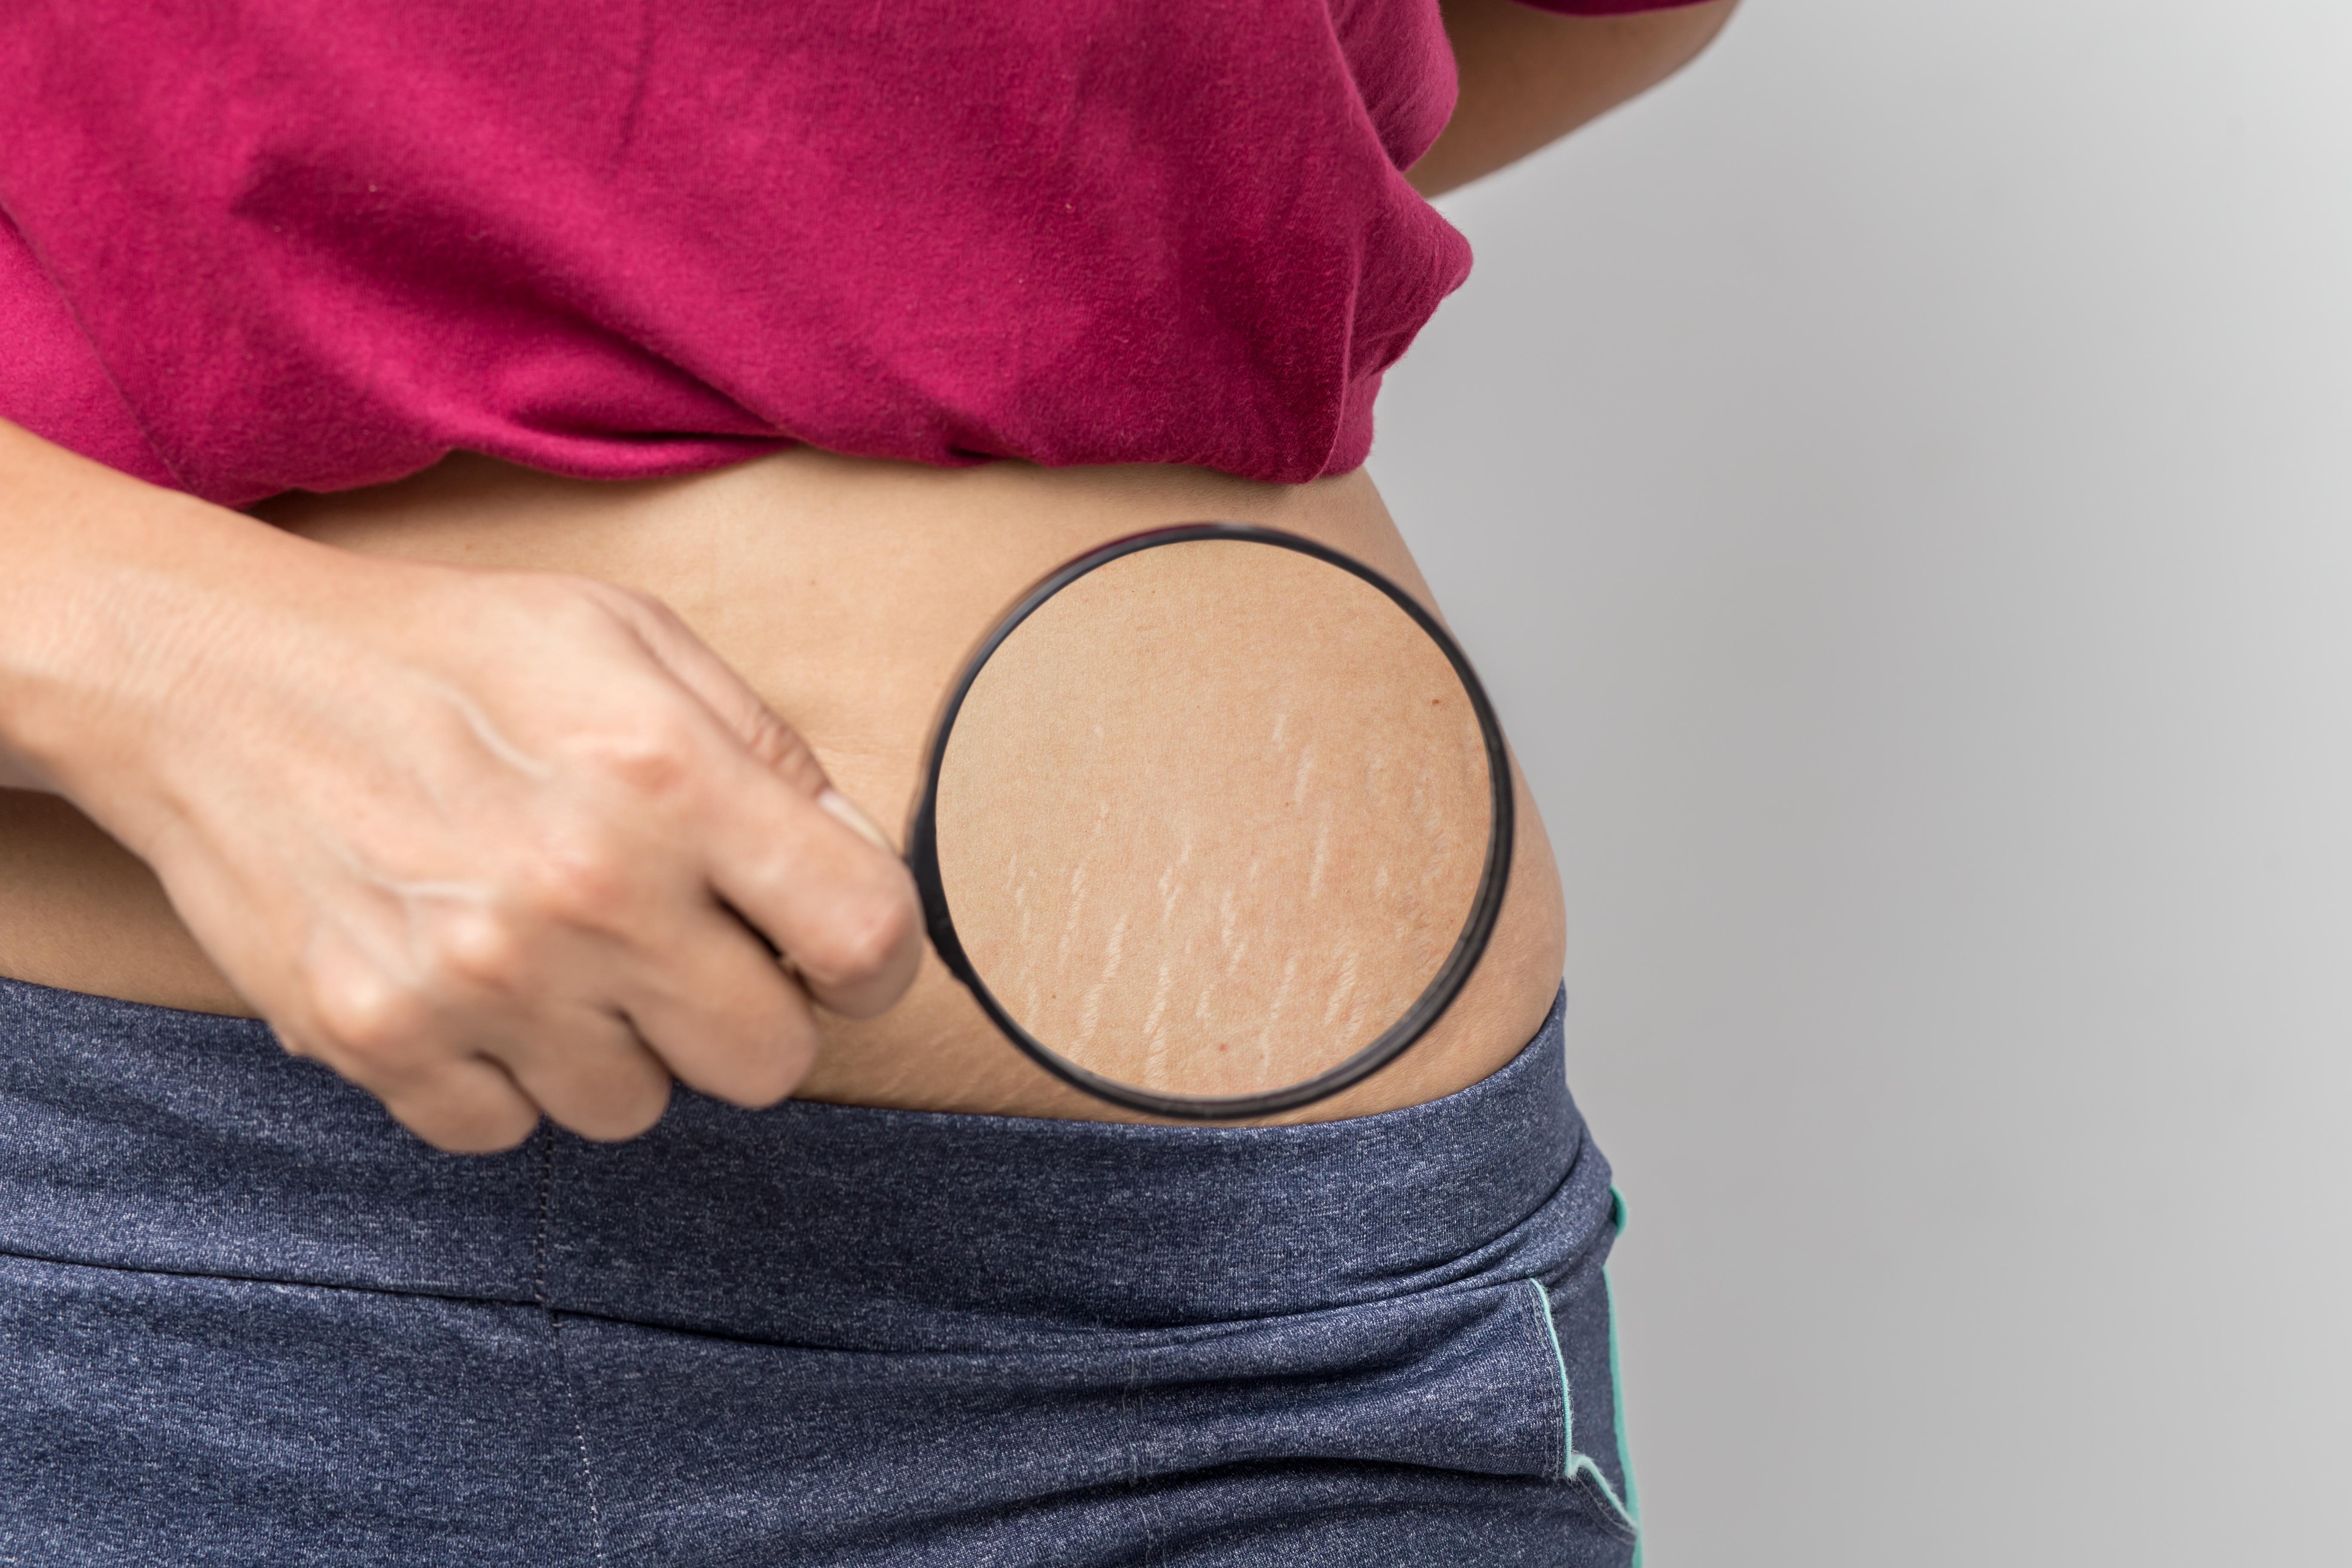 Мезотерапия против растяжек: как убрать в салоне и в домашних условиях